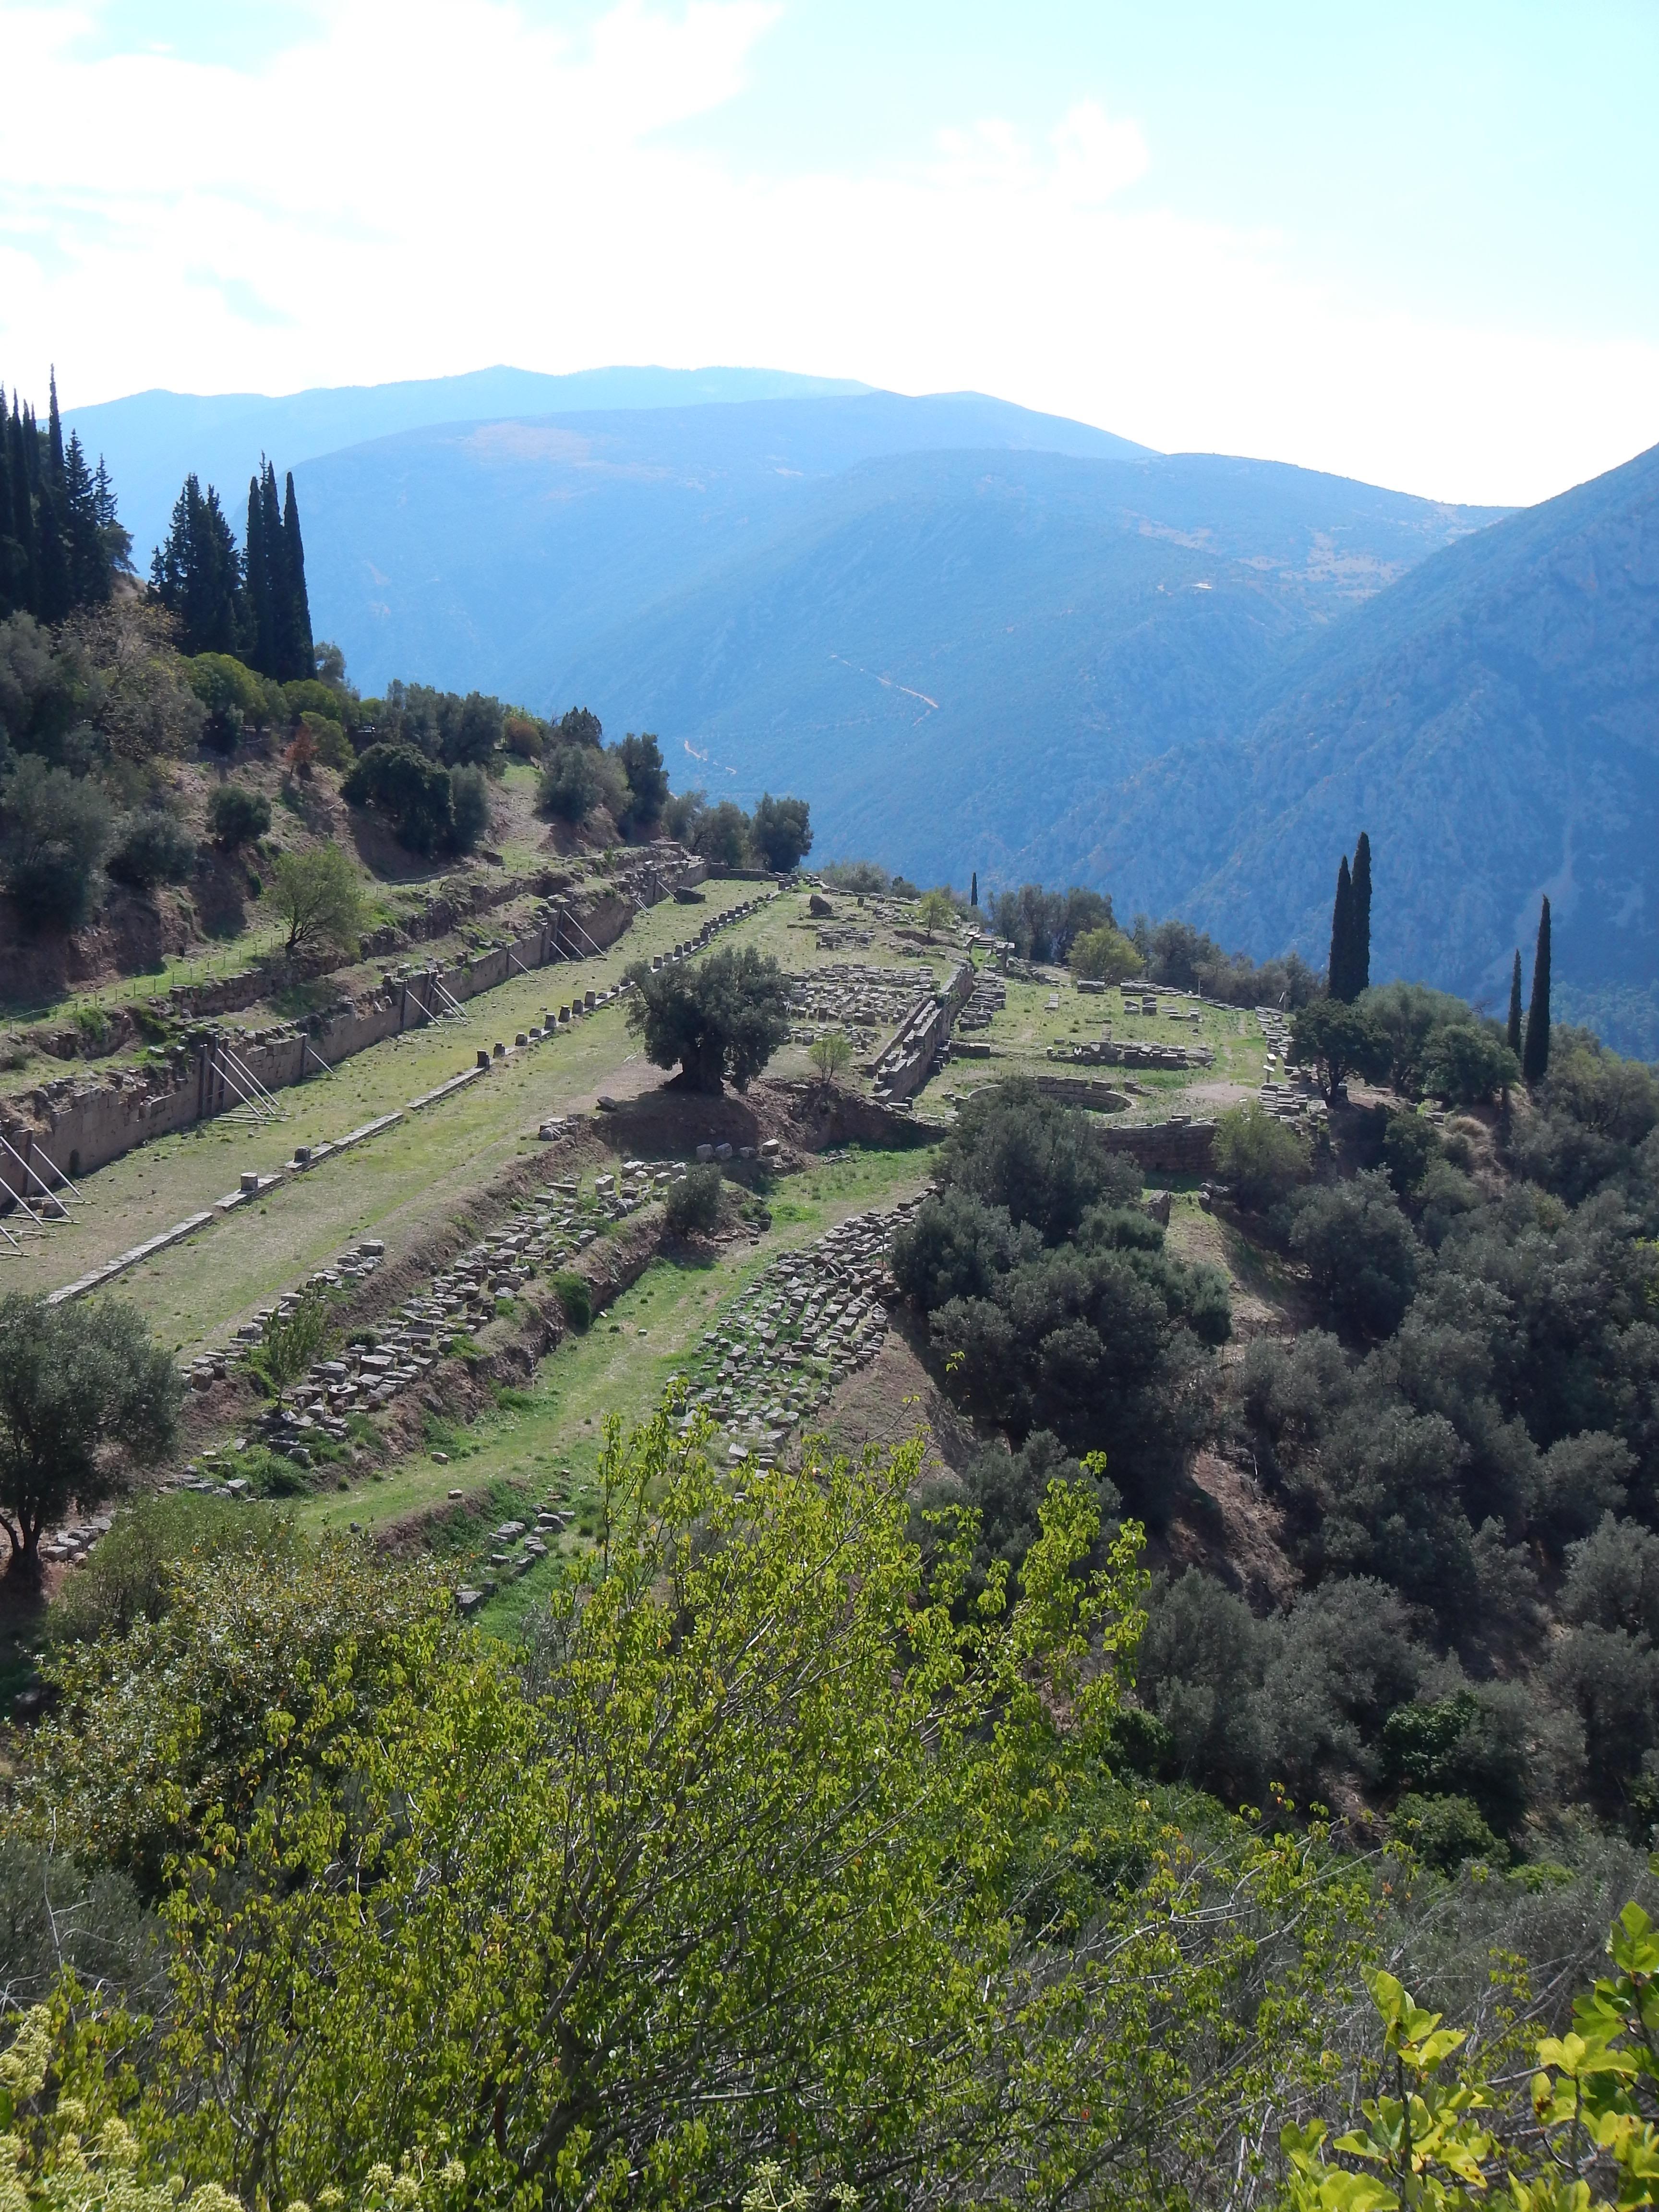 Grèce - Destination Météores par trail rando 161003092402630286